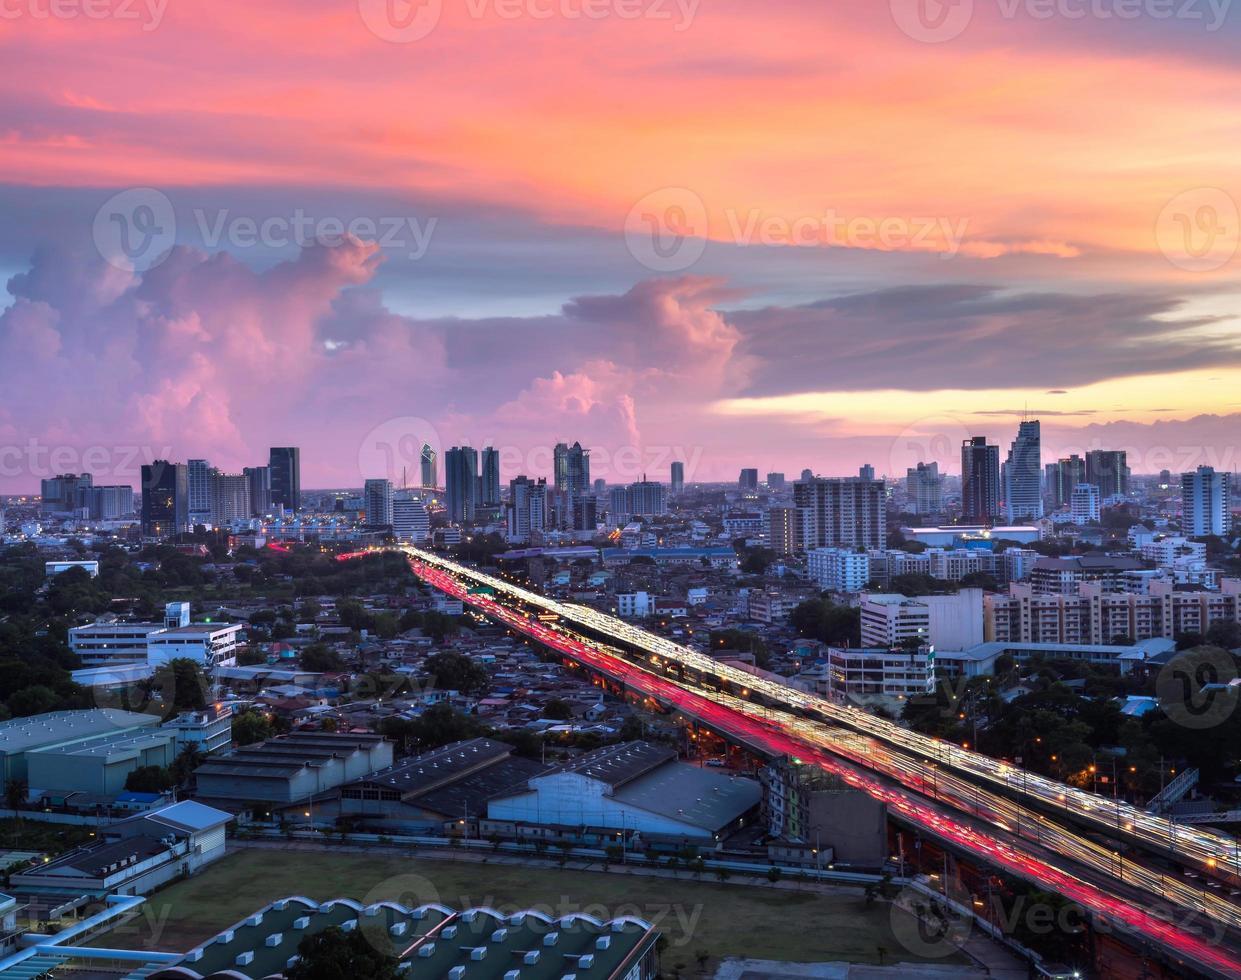 luz do sol e estradas nas capitais foto